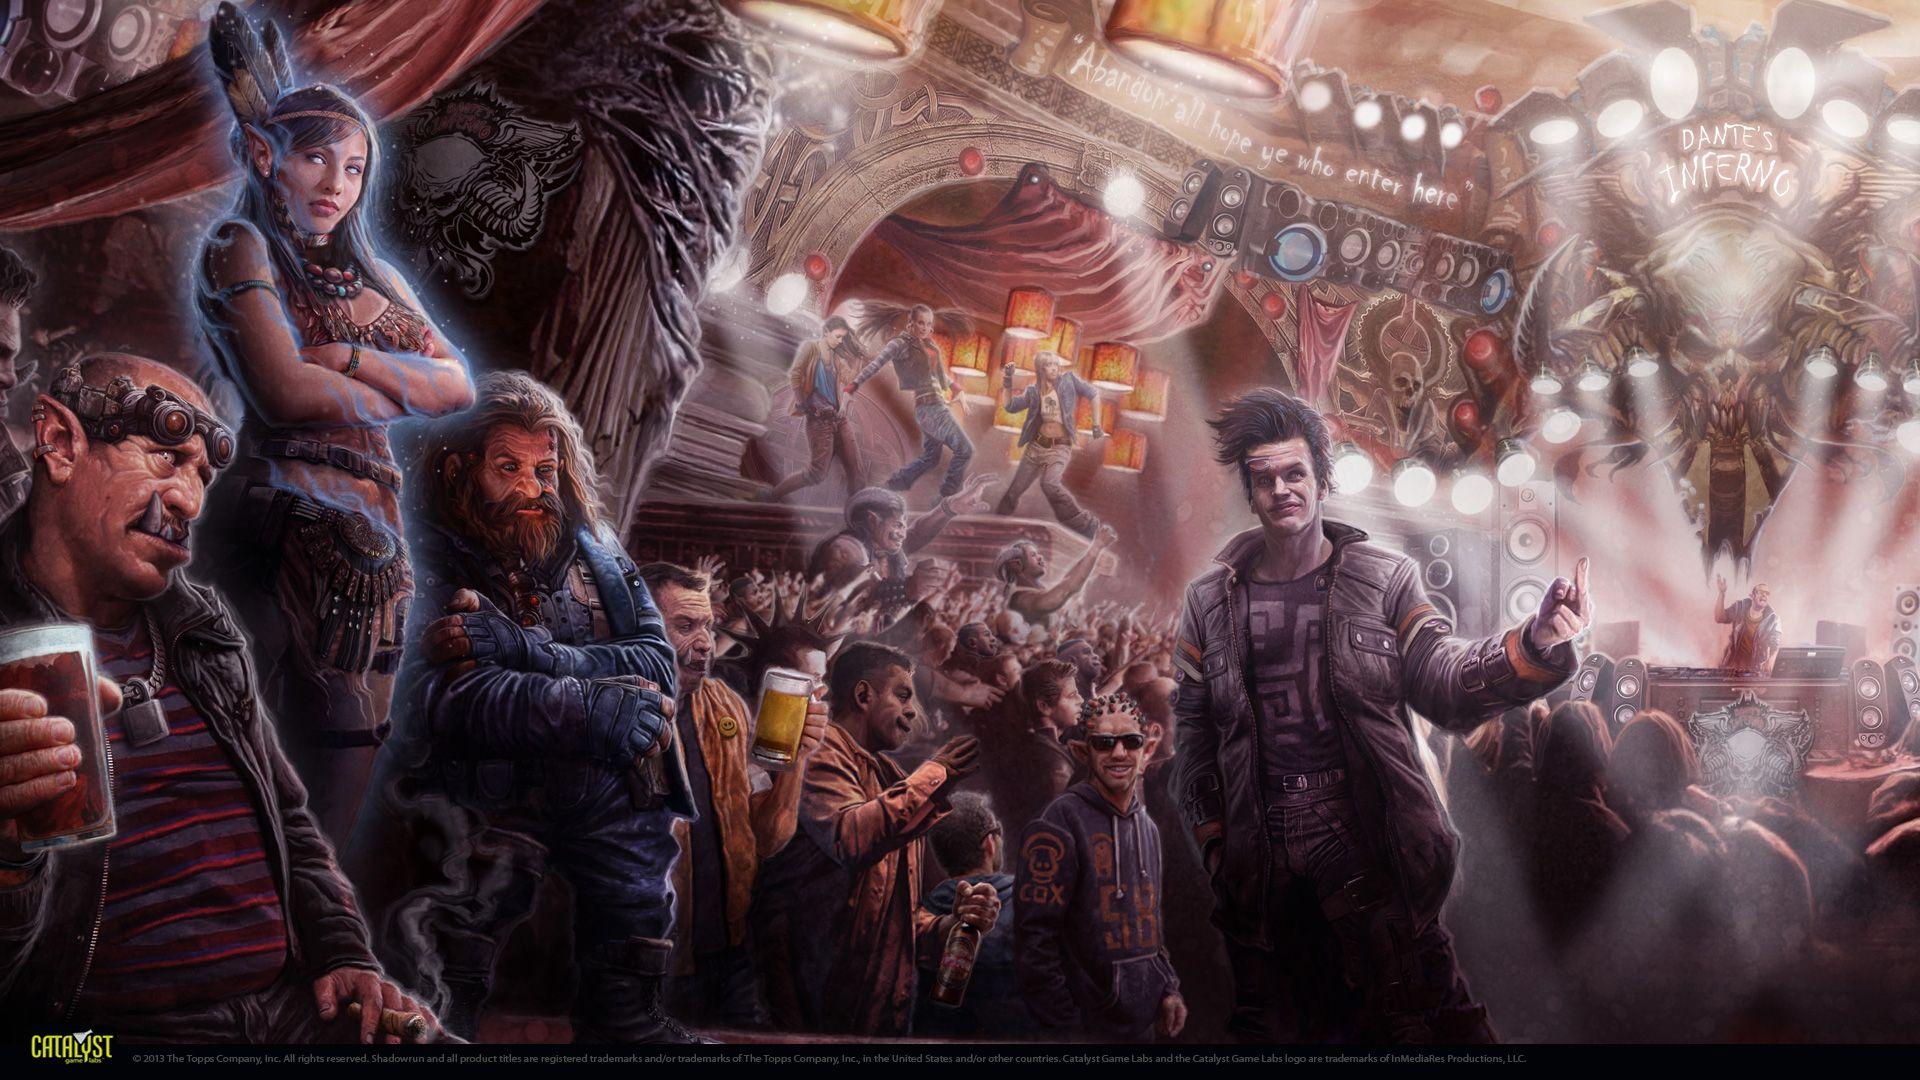 Wallpapers Shadowrun 5 Shadowrun Cyberpunk Illustration